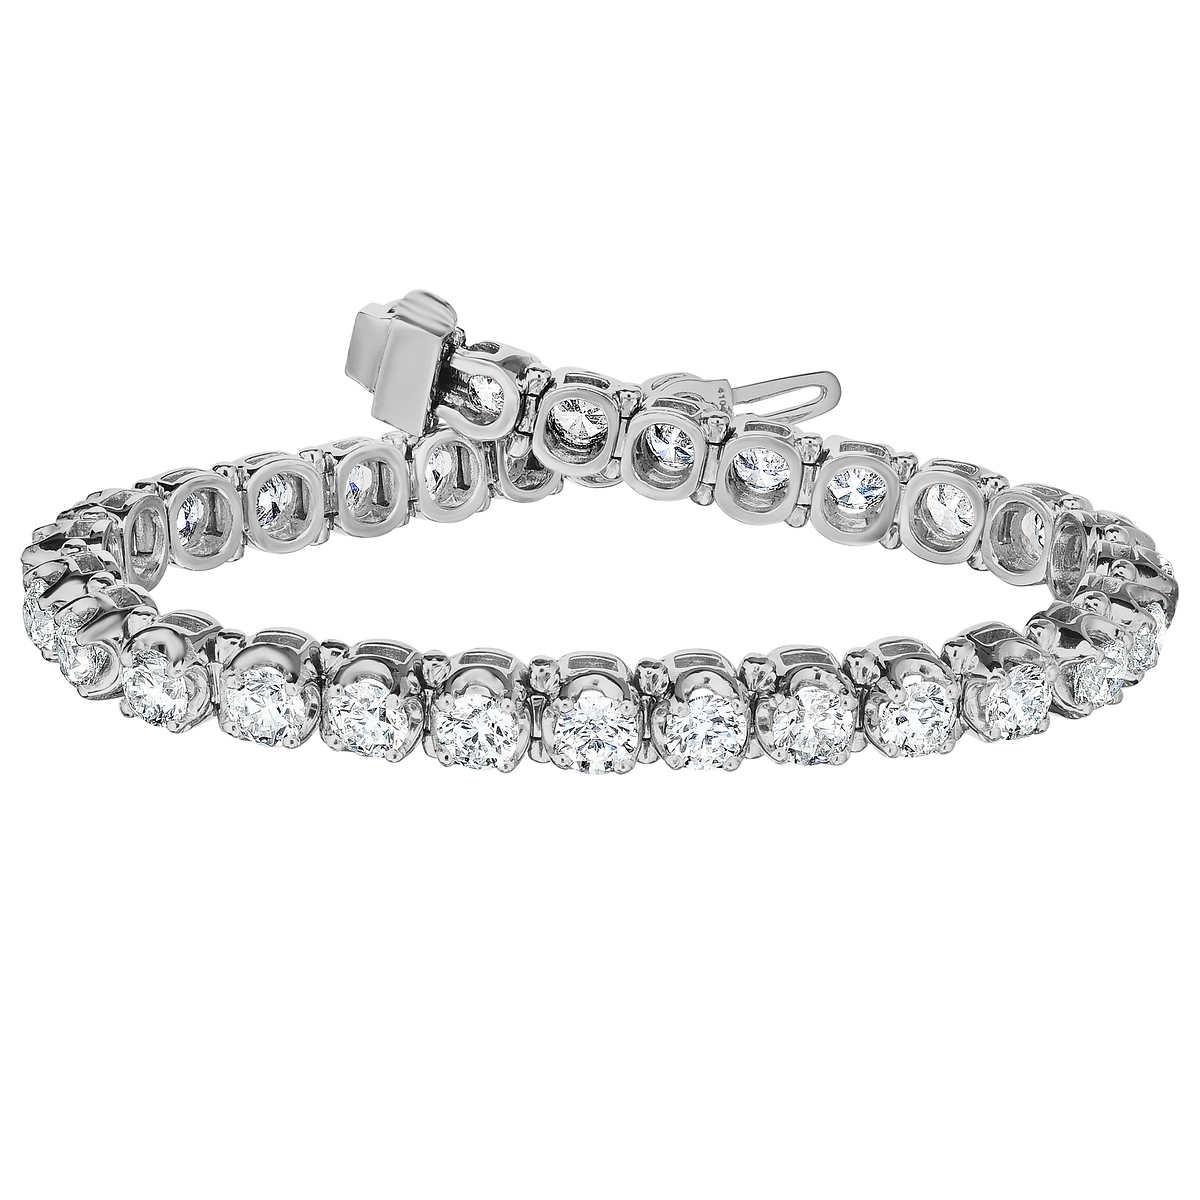 bc00b7b6b ... Round Brilliant 12.00 ctw VS2 Clarity, G Color Diamond Platinum  Bracelet. 1 1